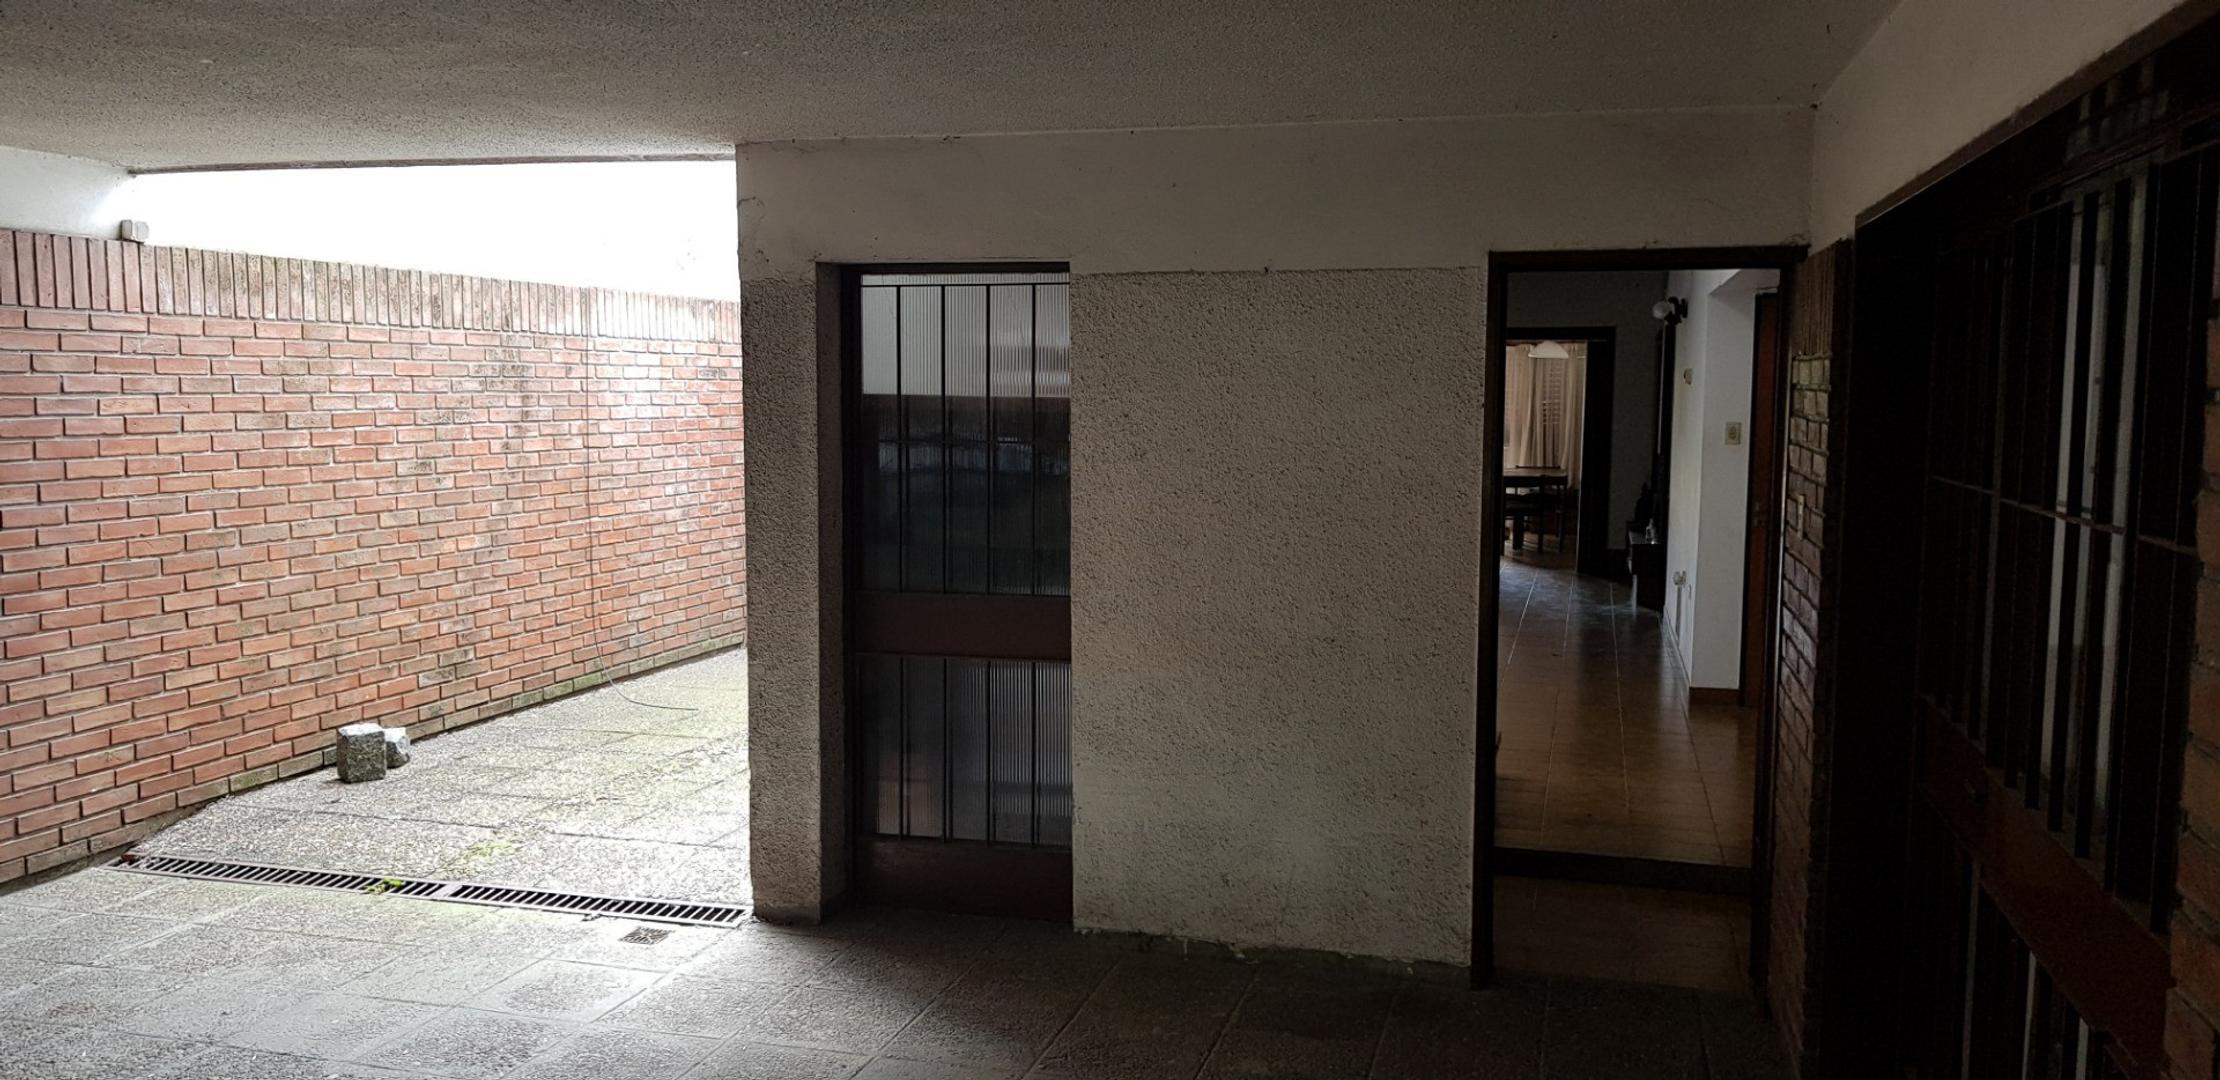 importante case sobre lote de 10x60 5 dormitorios, cochera doble, venta. 62 8 y  9  - Foto 19